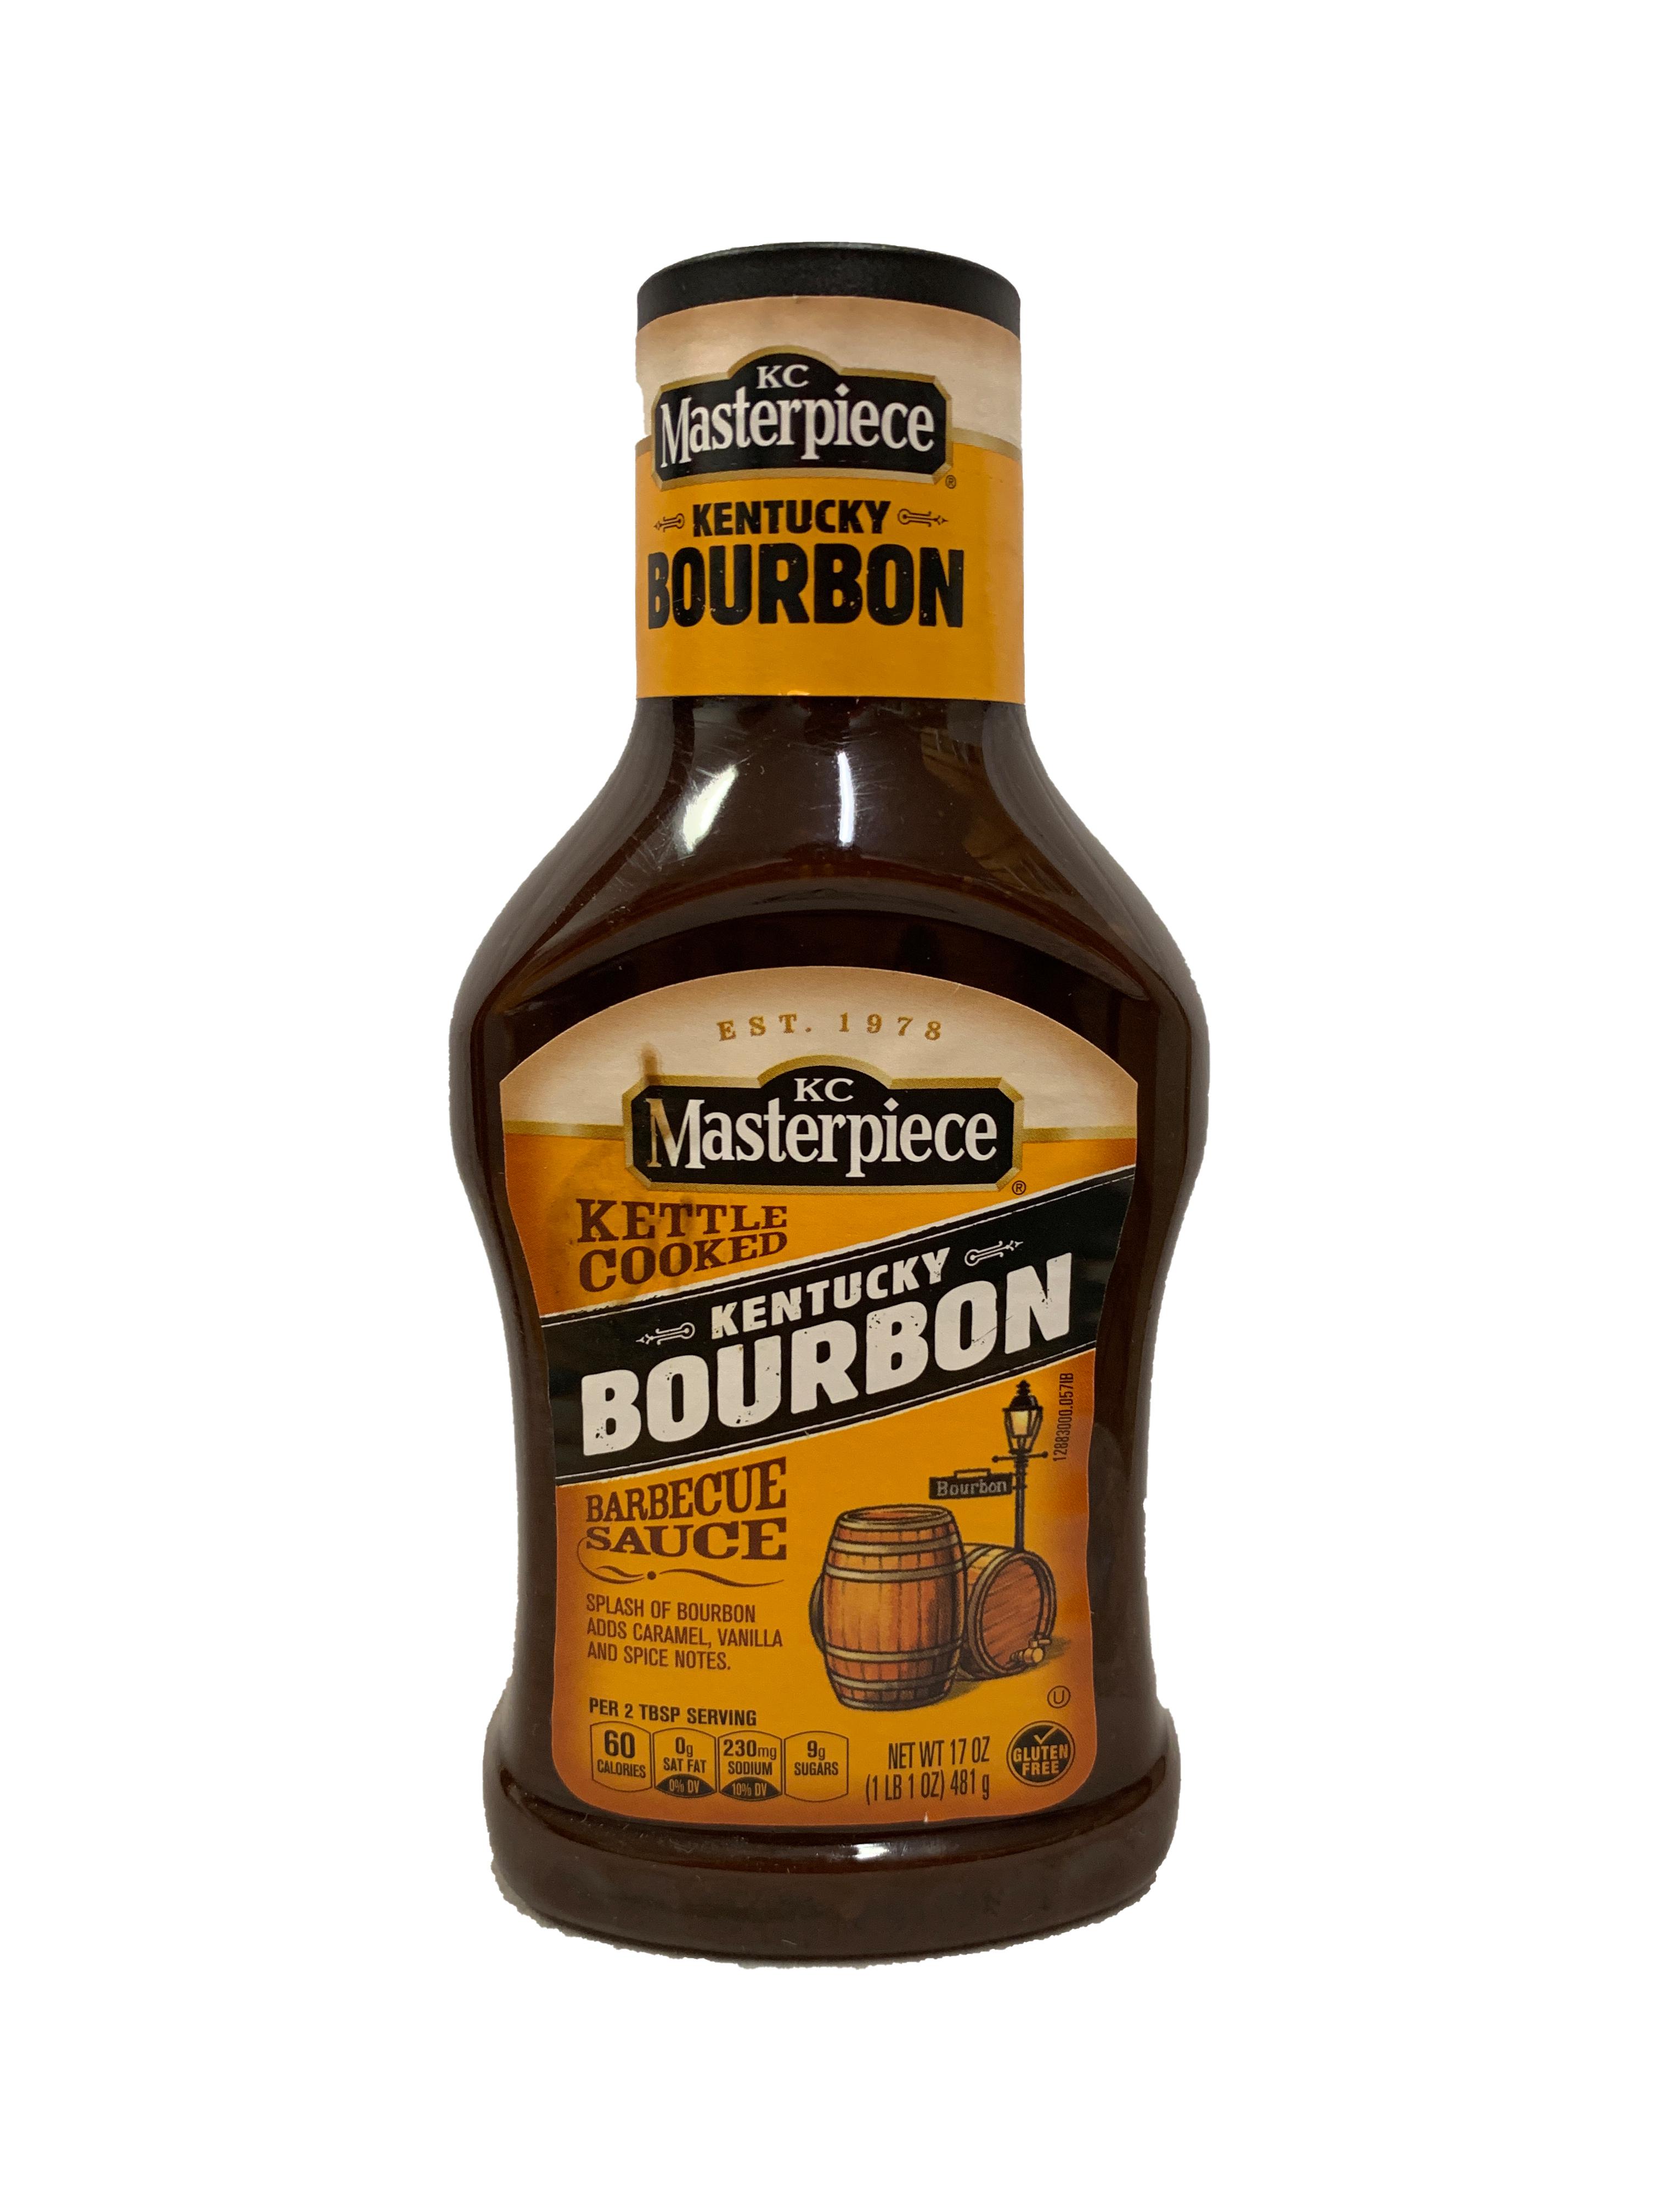 KC Masterpiece Kentucky Bourbon BBQ Sauce (MHD 18.04.2020)